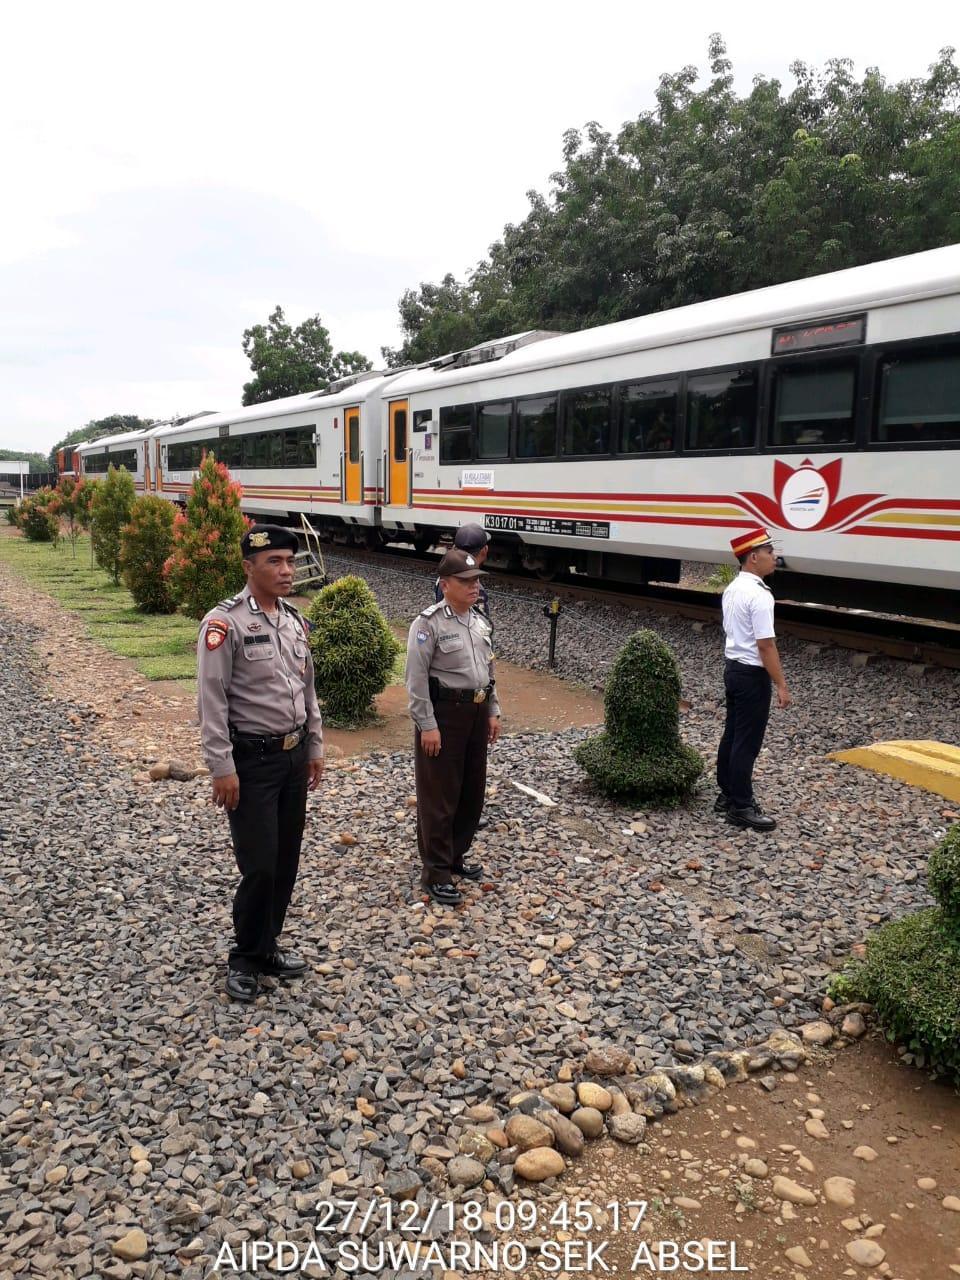 Polres Lampung Utara Tingkatkan Pengamanan di Stasiun Kereta Api